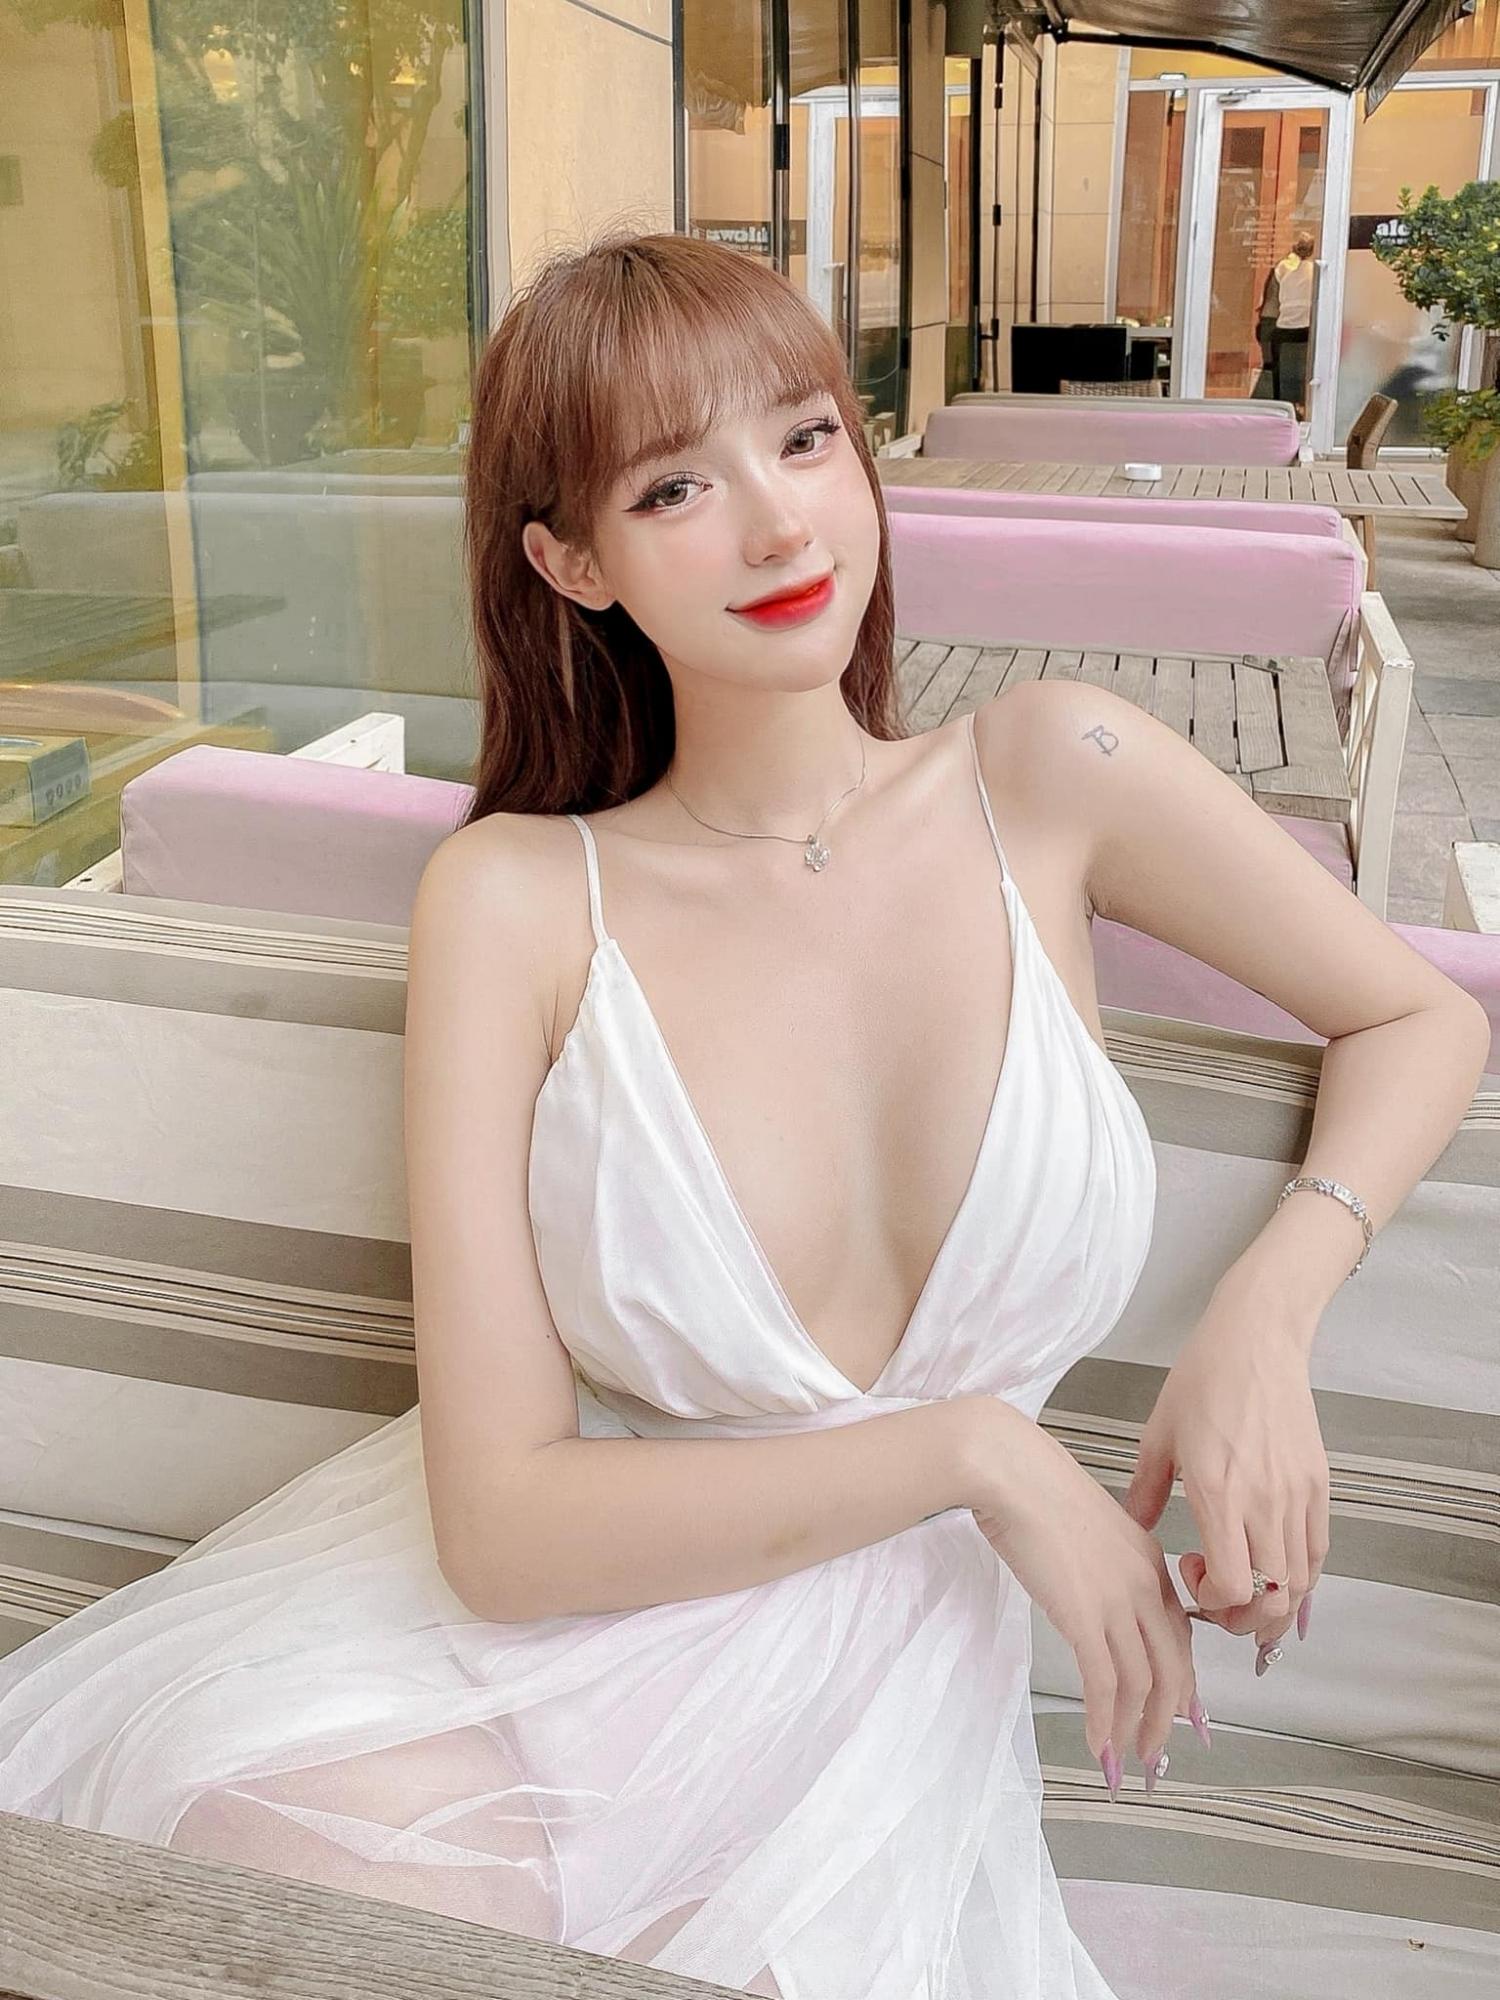 越南正妹mỹm超极品Body好像洋娃娃 养眼图片 第2张